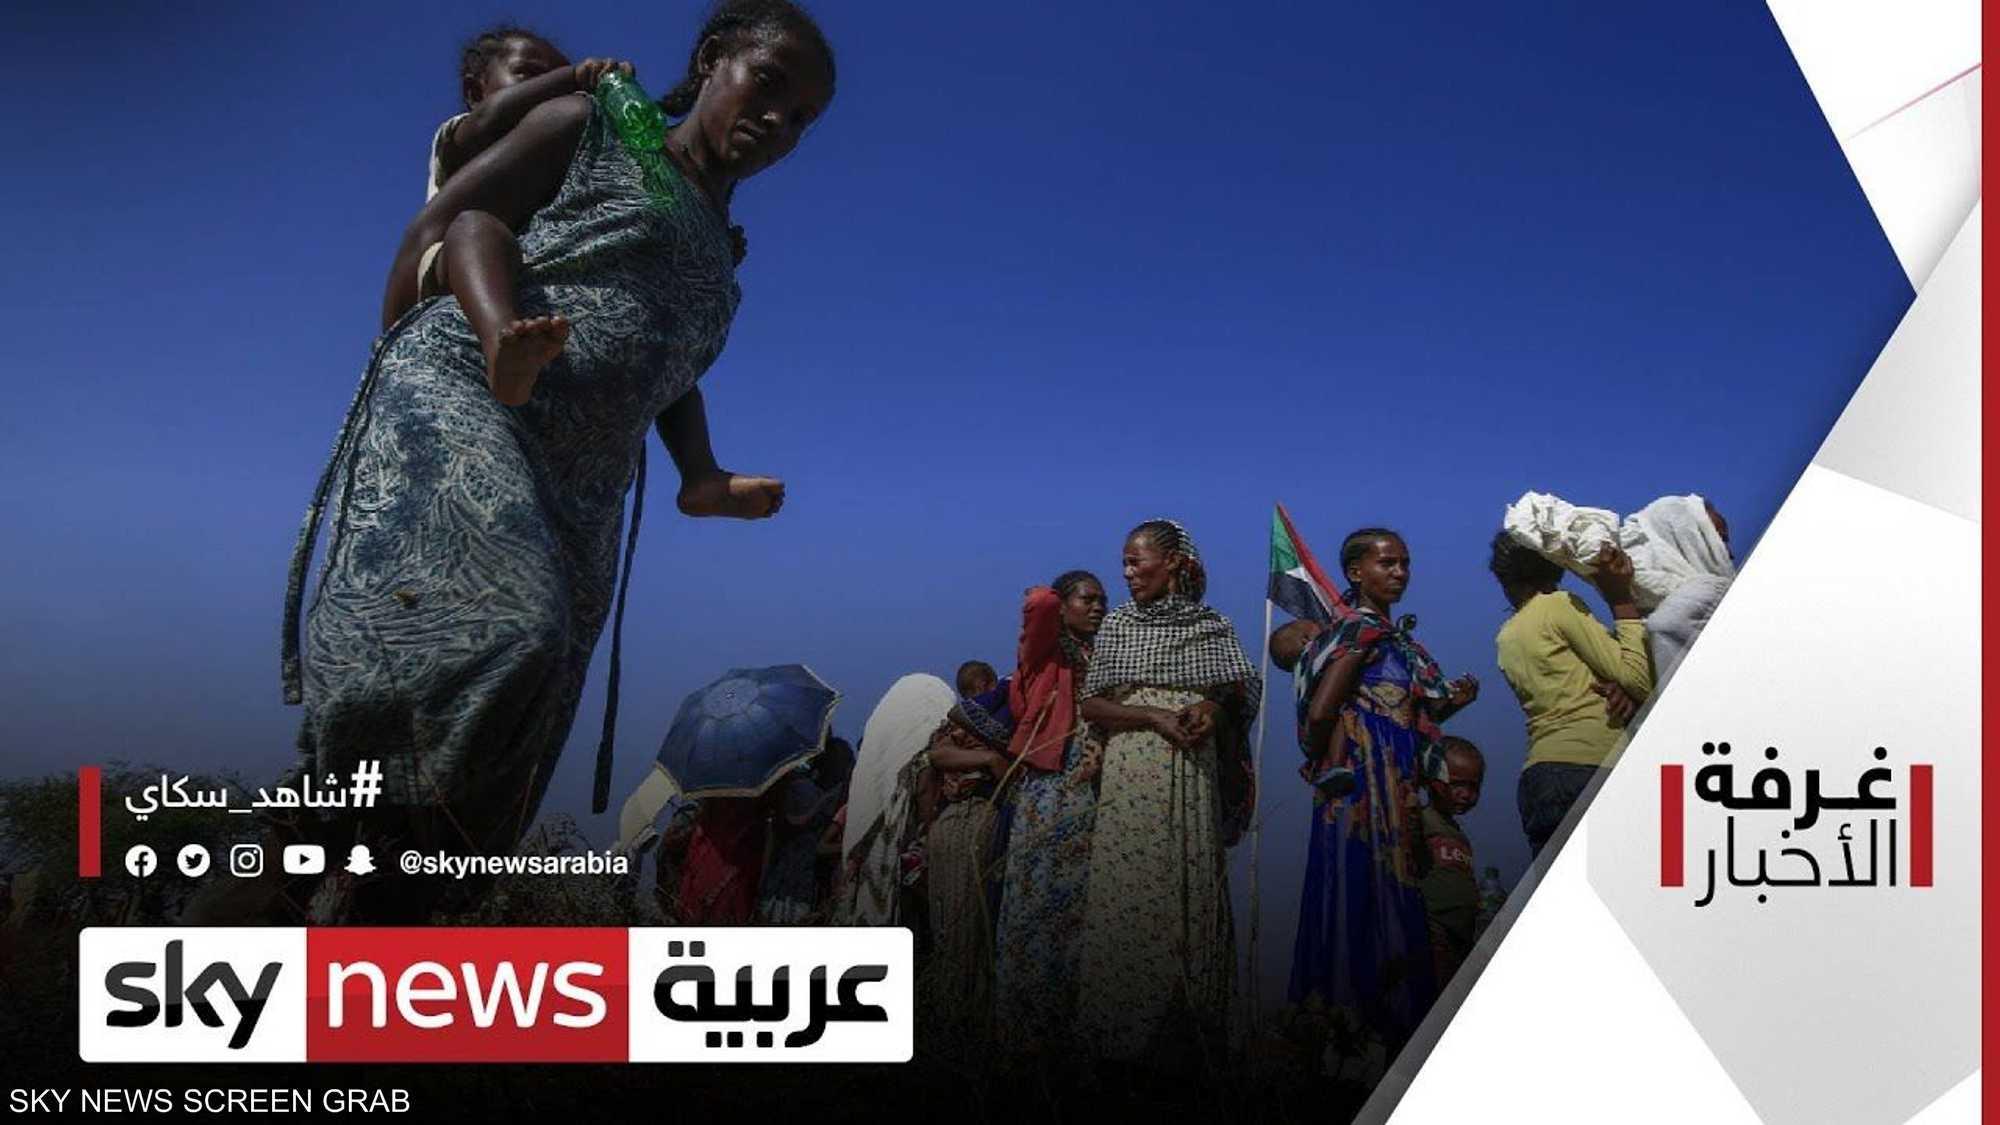 إثيوبيا ومأساة النزوح.. تحذير من تفاقم الأزمة